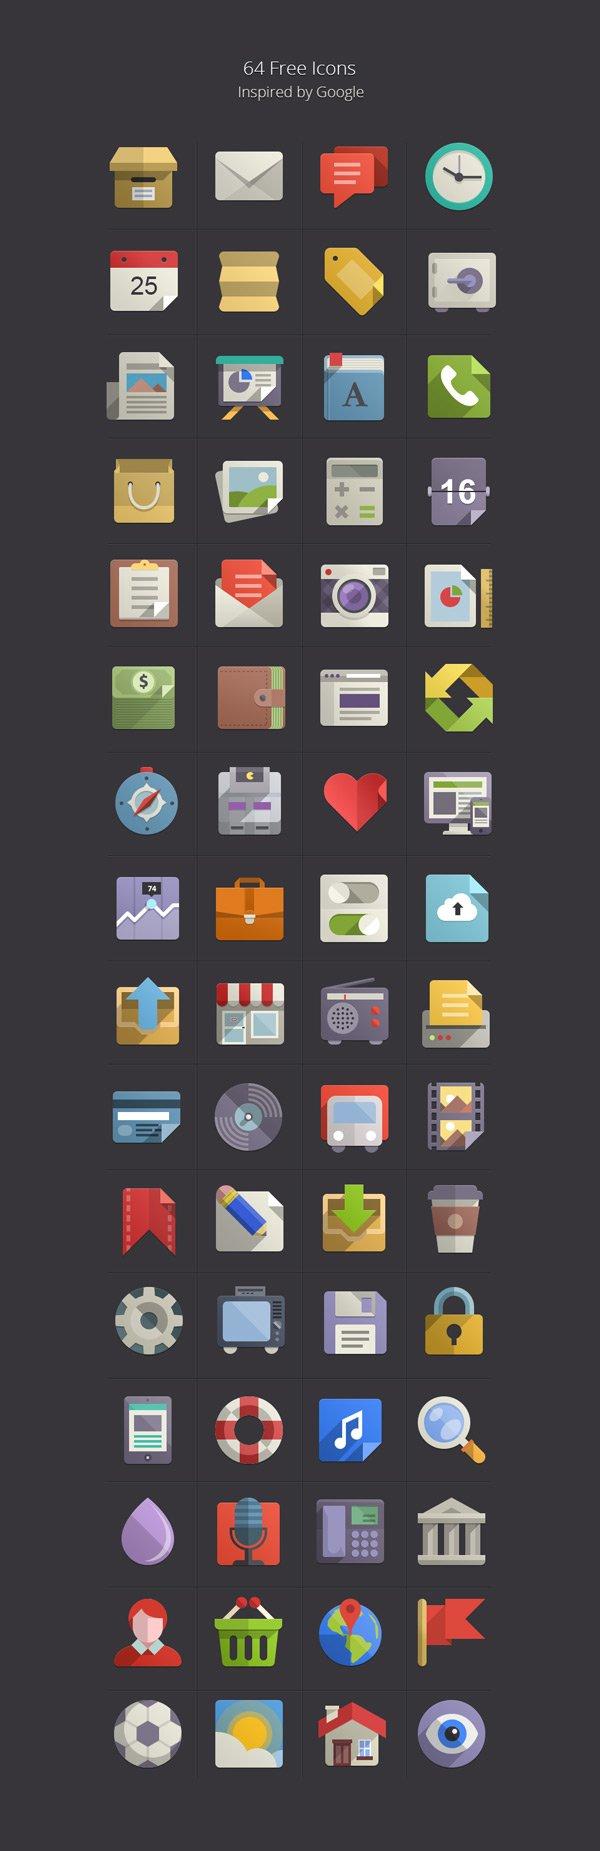 64 иконки от Google (.Psd) скачать бесплатно